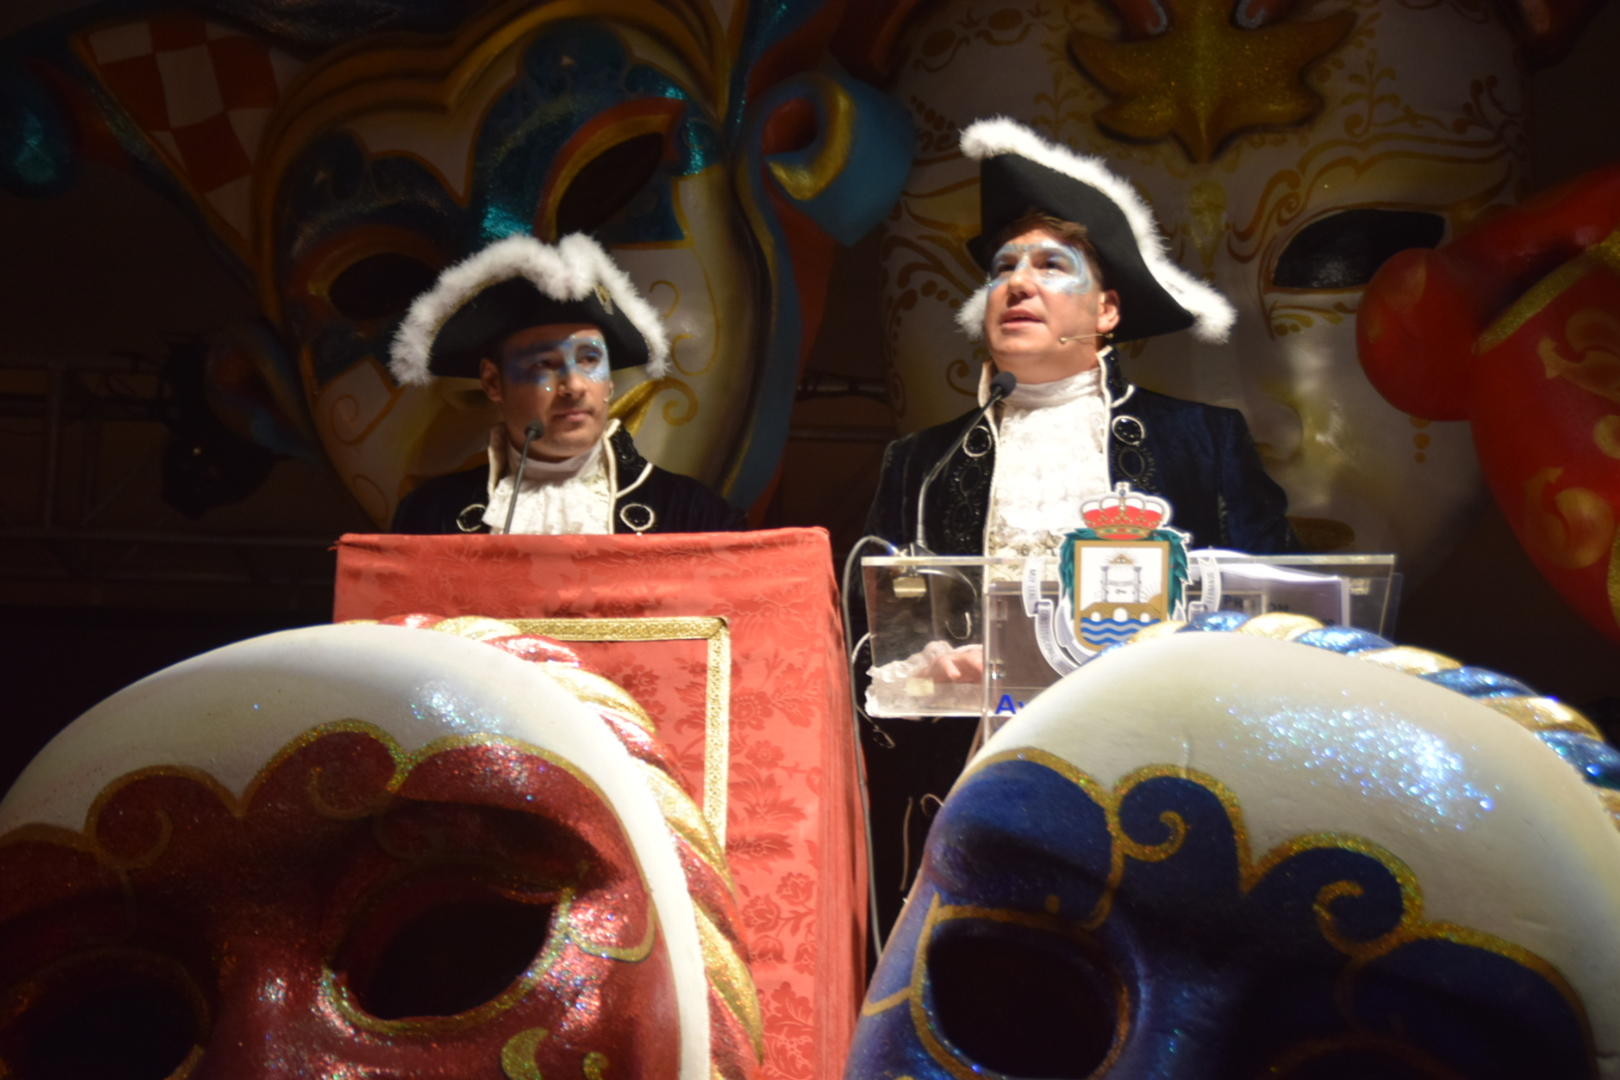 San Fernando se rinde a Andy y Lucas en su carnaval